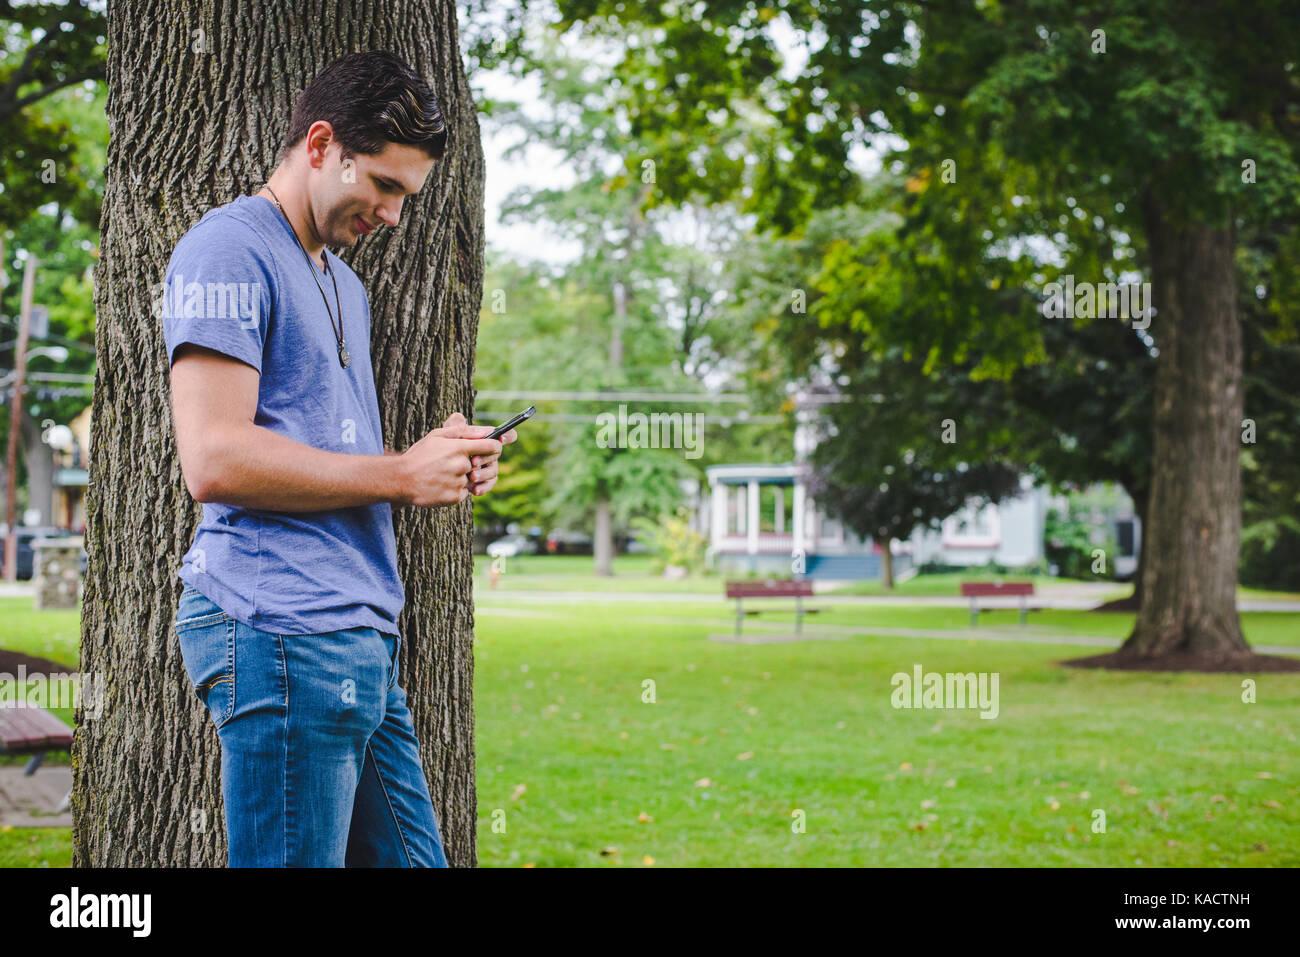 Un giovane uomo guarda al suo cellulare mentre appoggiata contro un albero in un parco. Immagini Stock